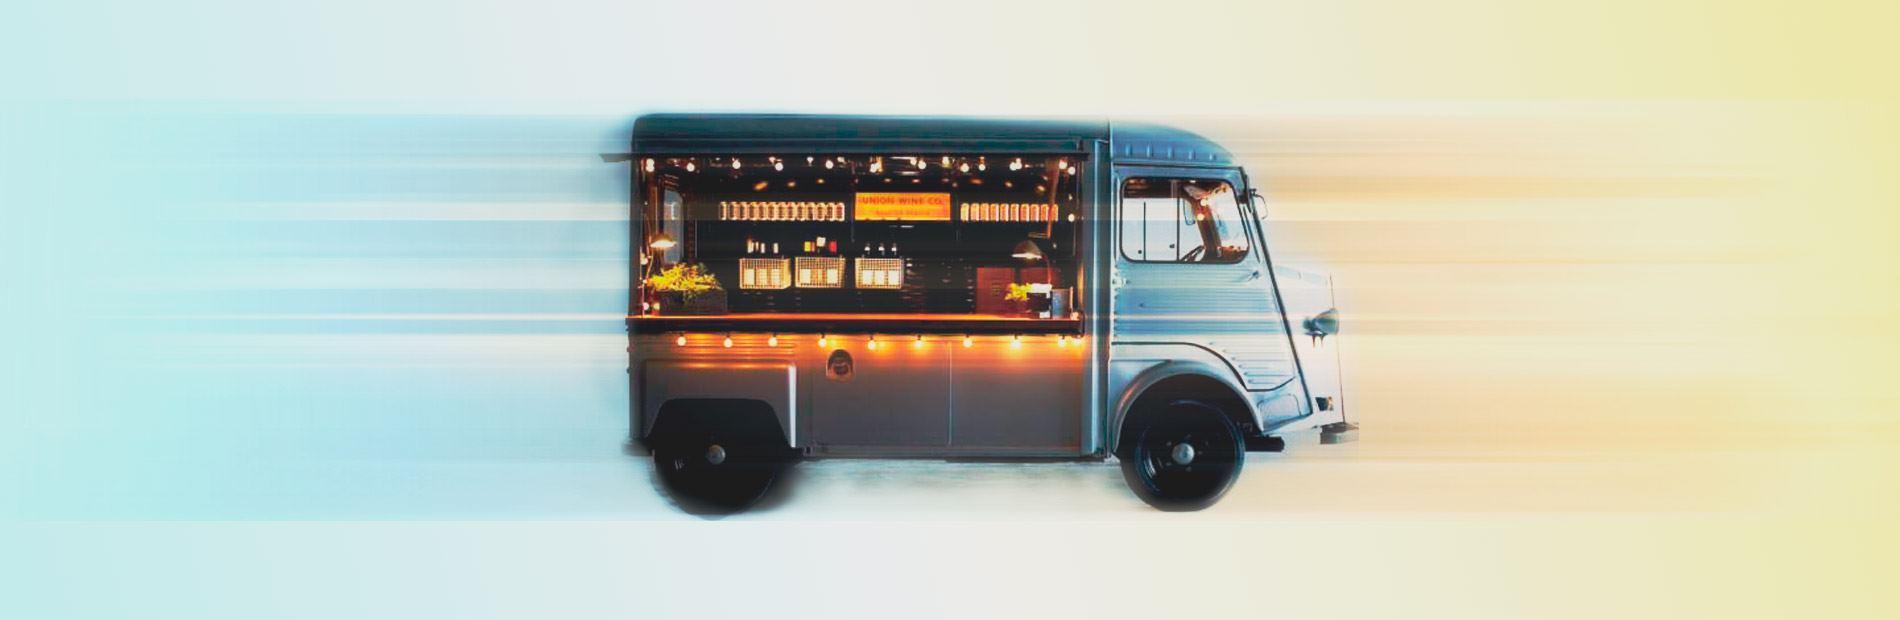 diseñadores y fabricantes de Food trucks en tarragona